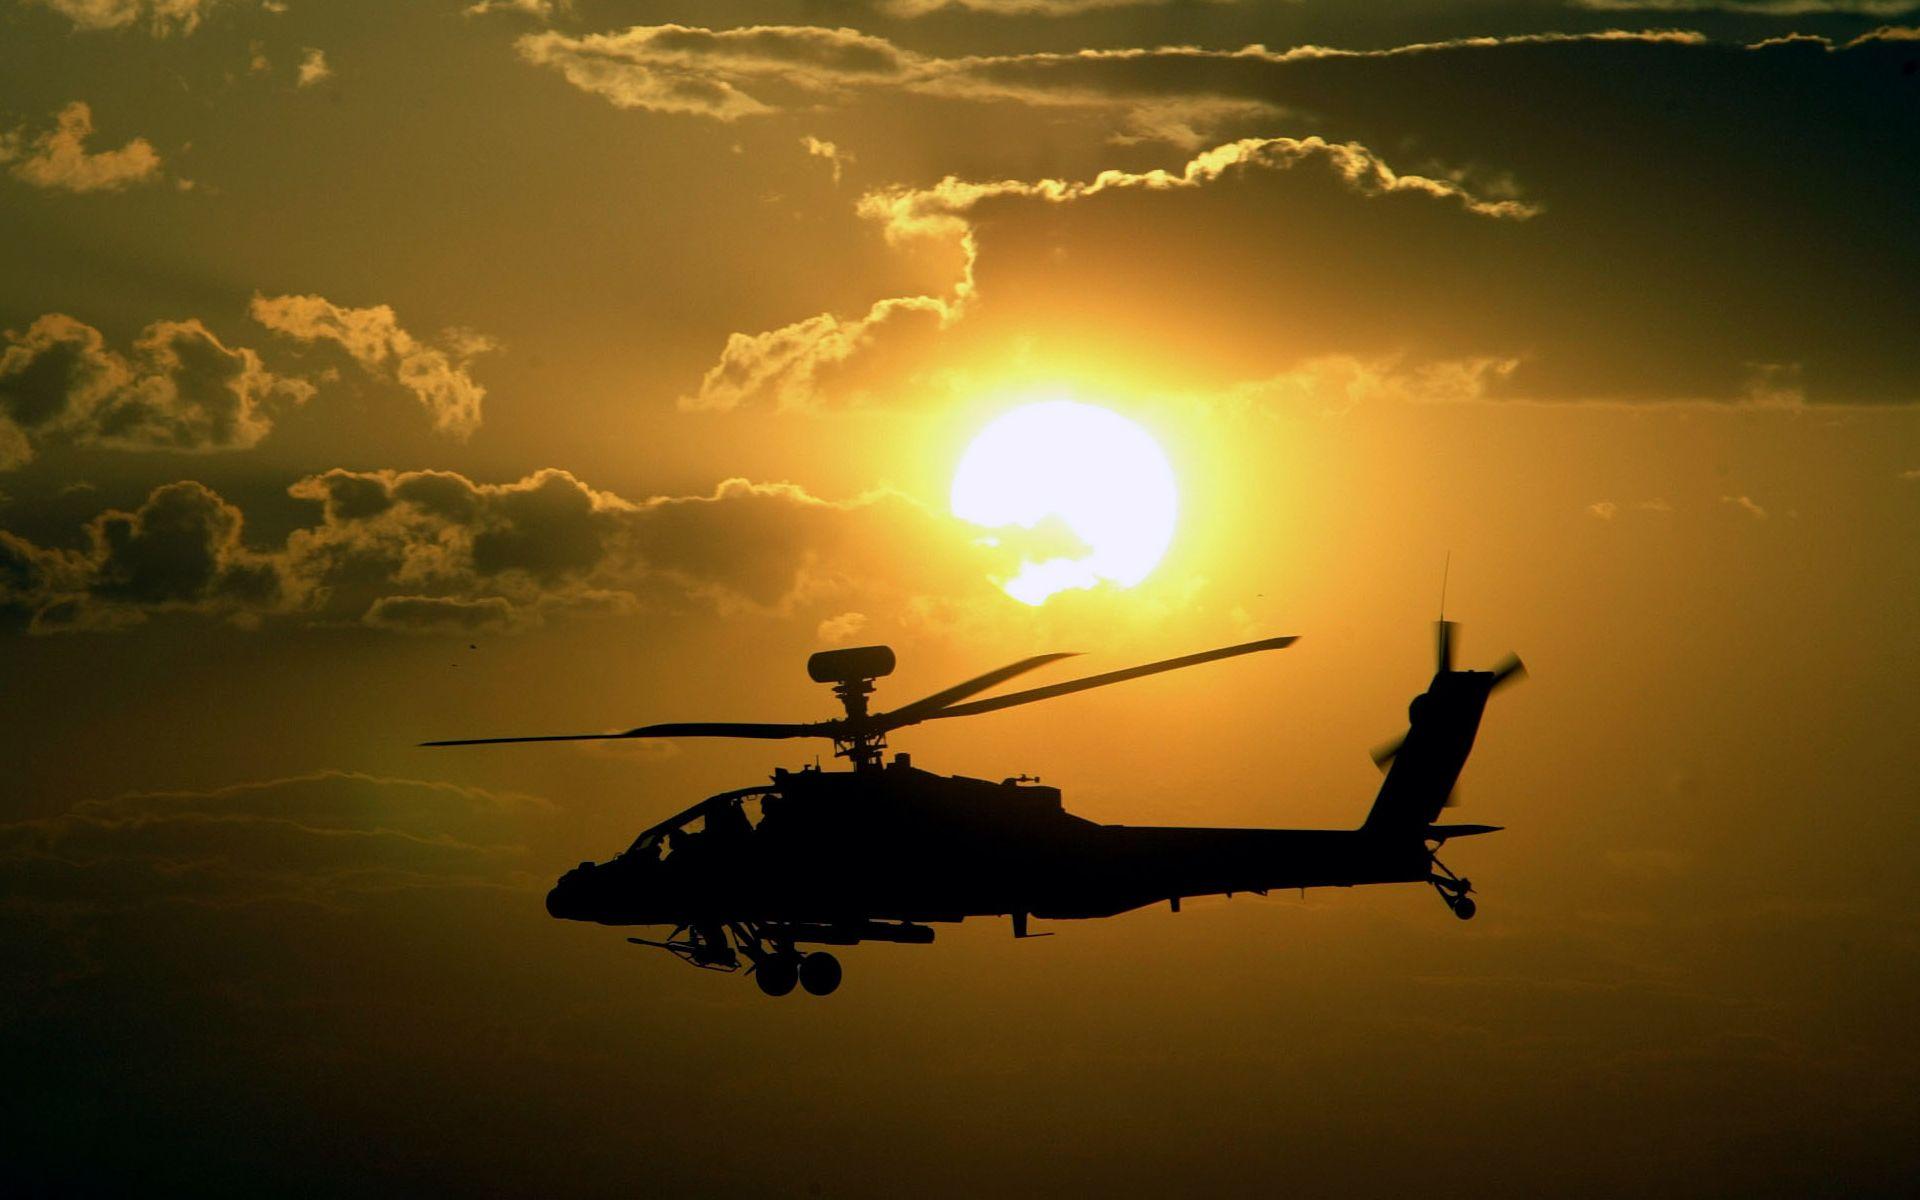 Autos Camiones Fondos De Pantalla Gratis: Helicóptero AH 64 Apache Hd 1920x1200